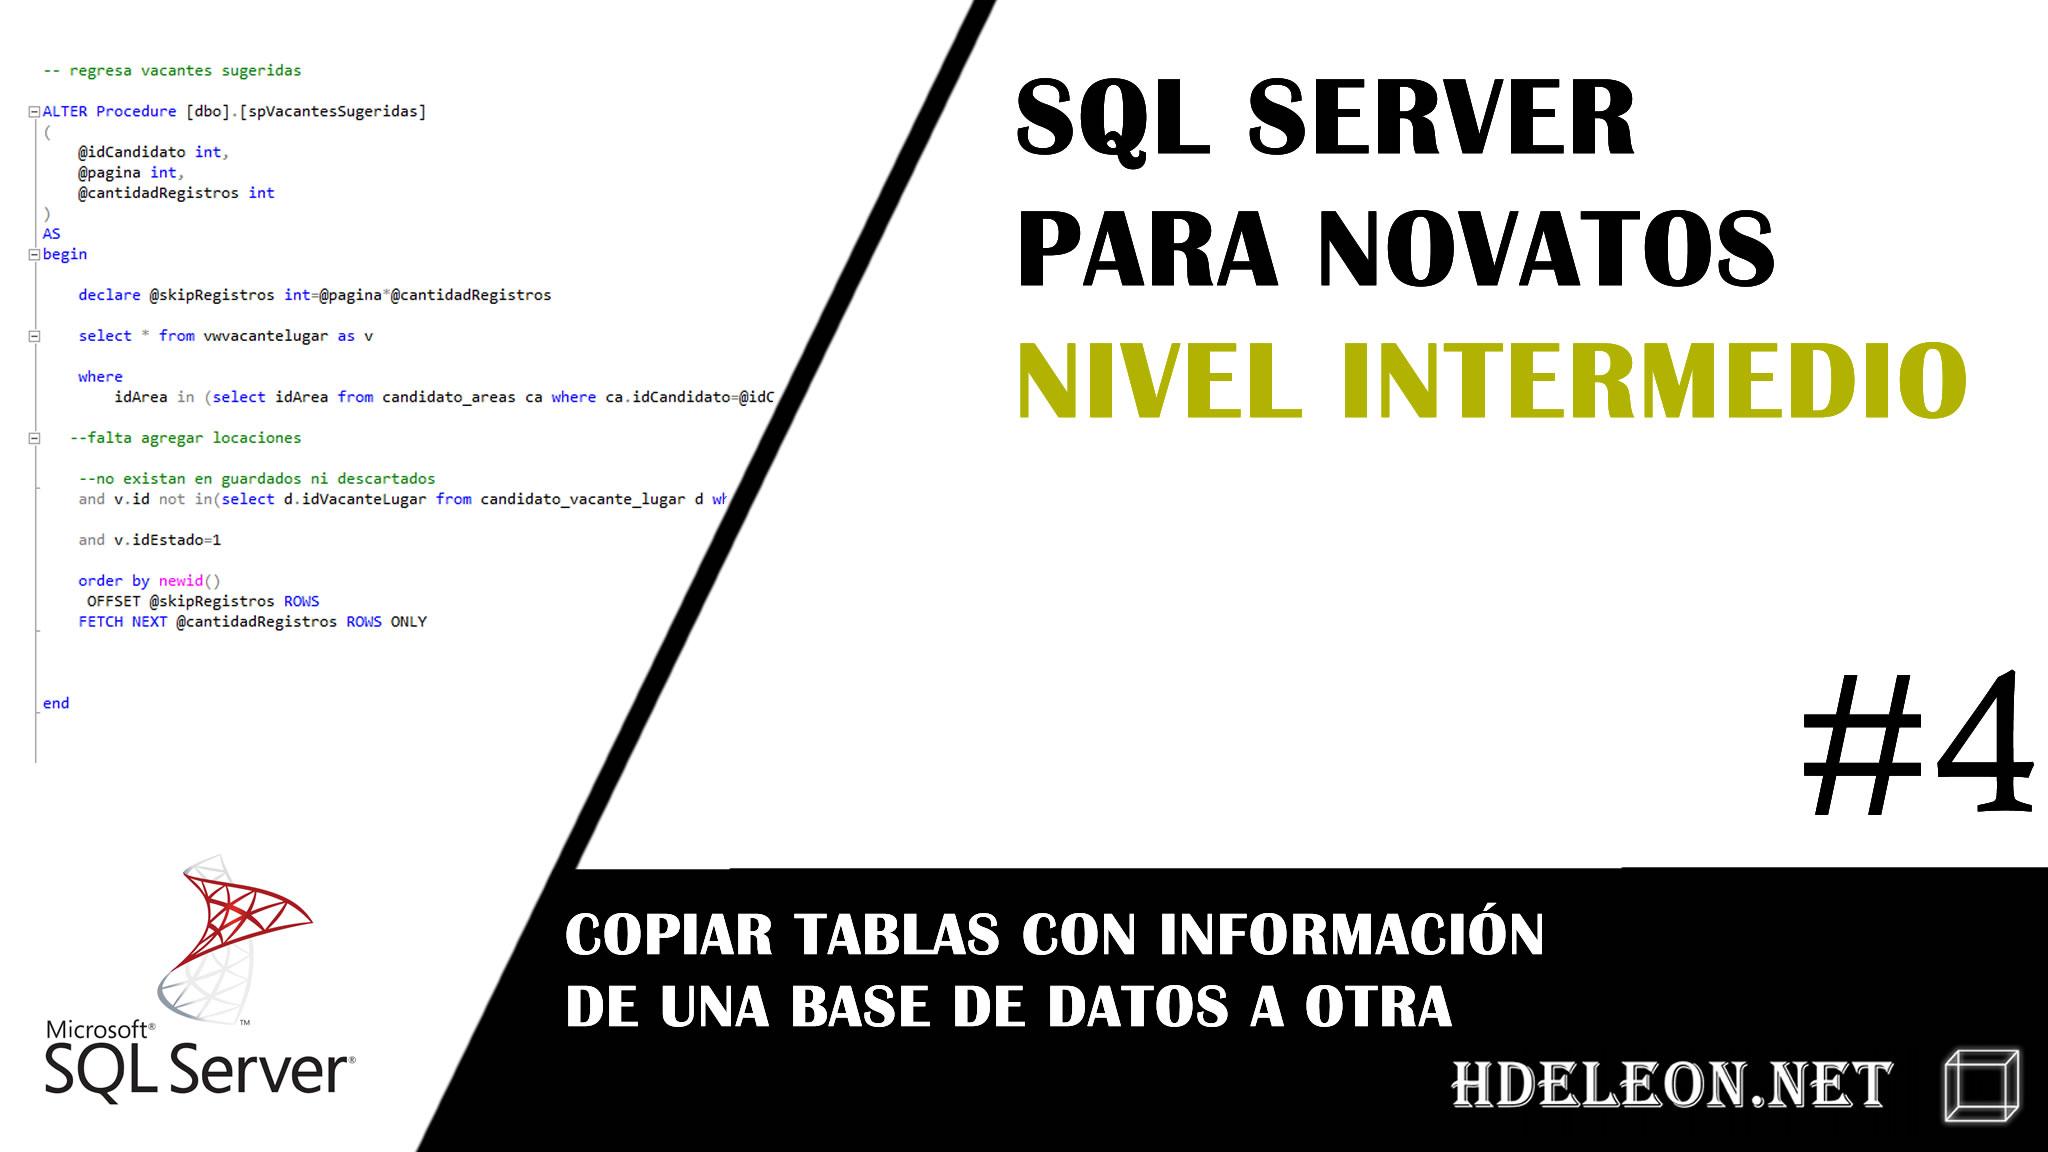 Sql Server nivel Intermedio, Copiar tablas con información entre base de datos, #4